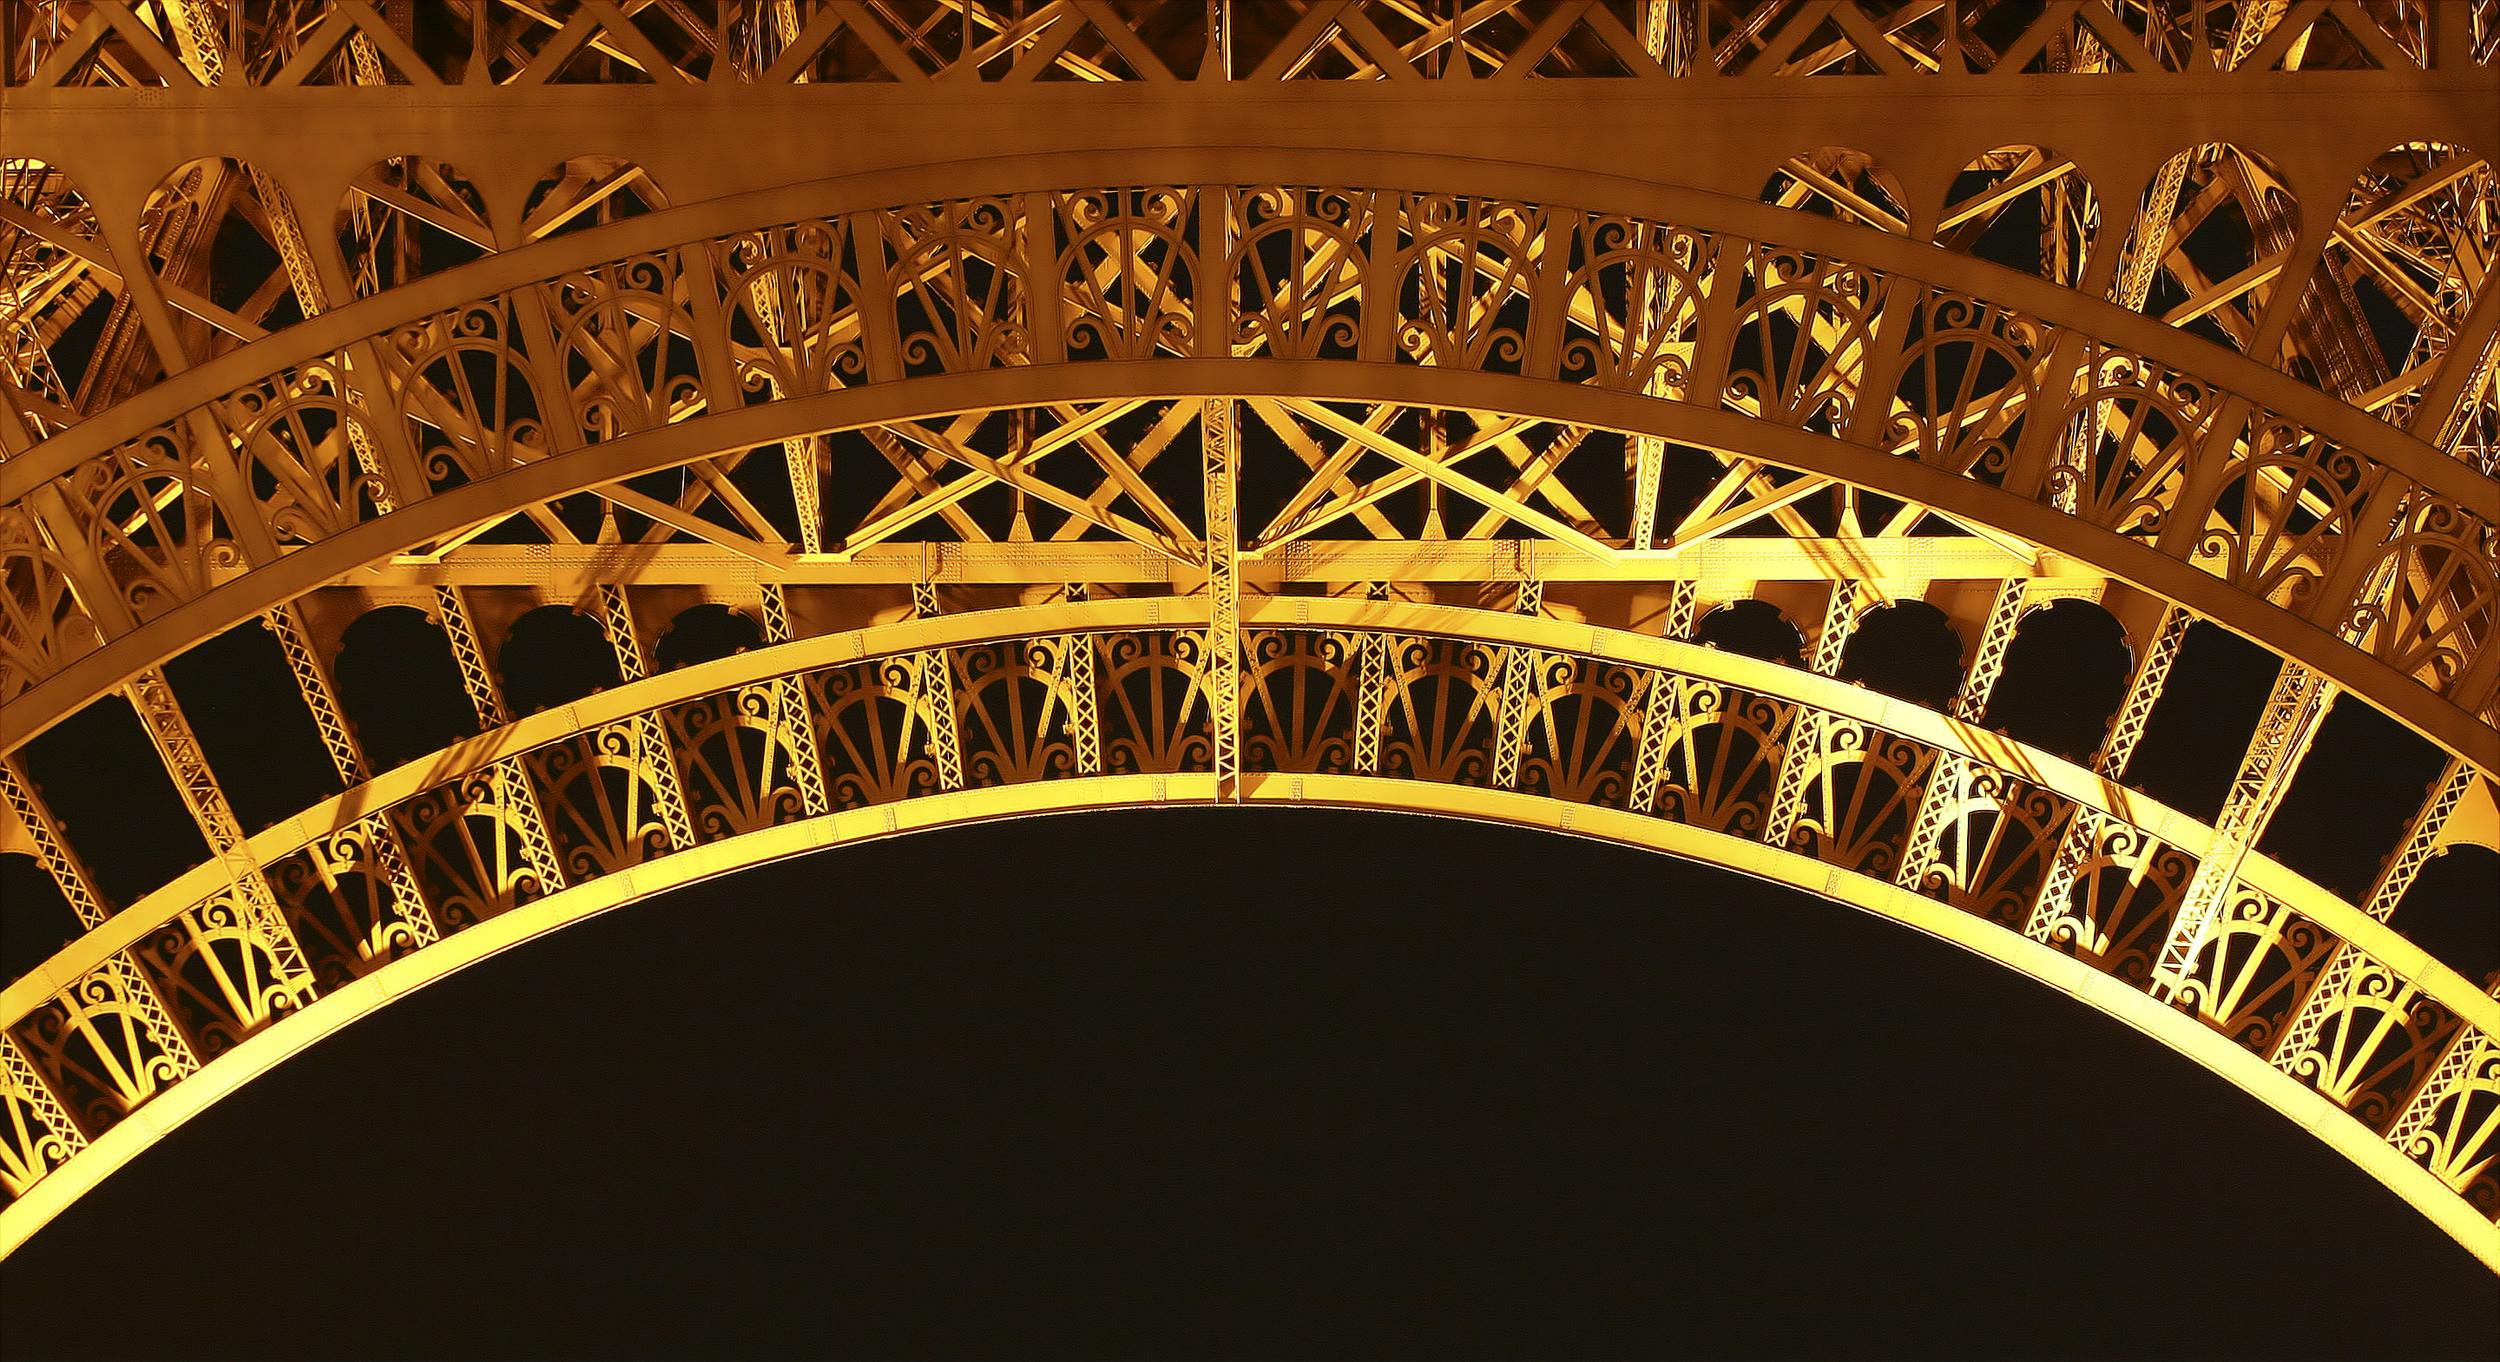 golden arches.jpg